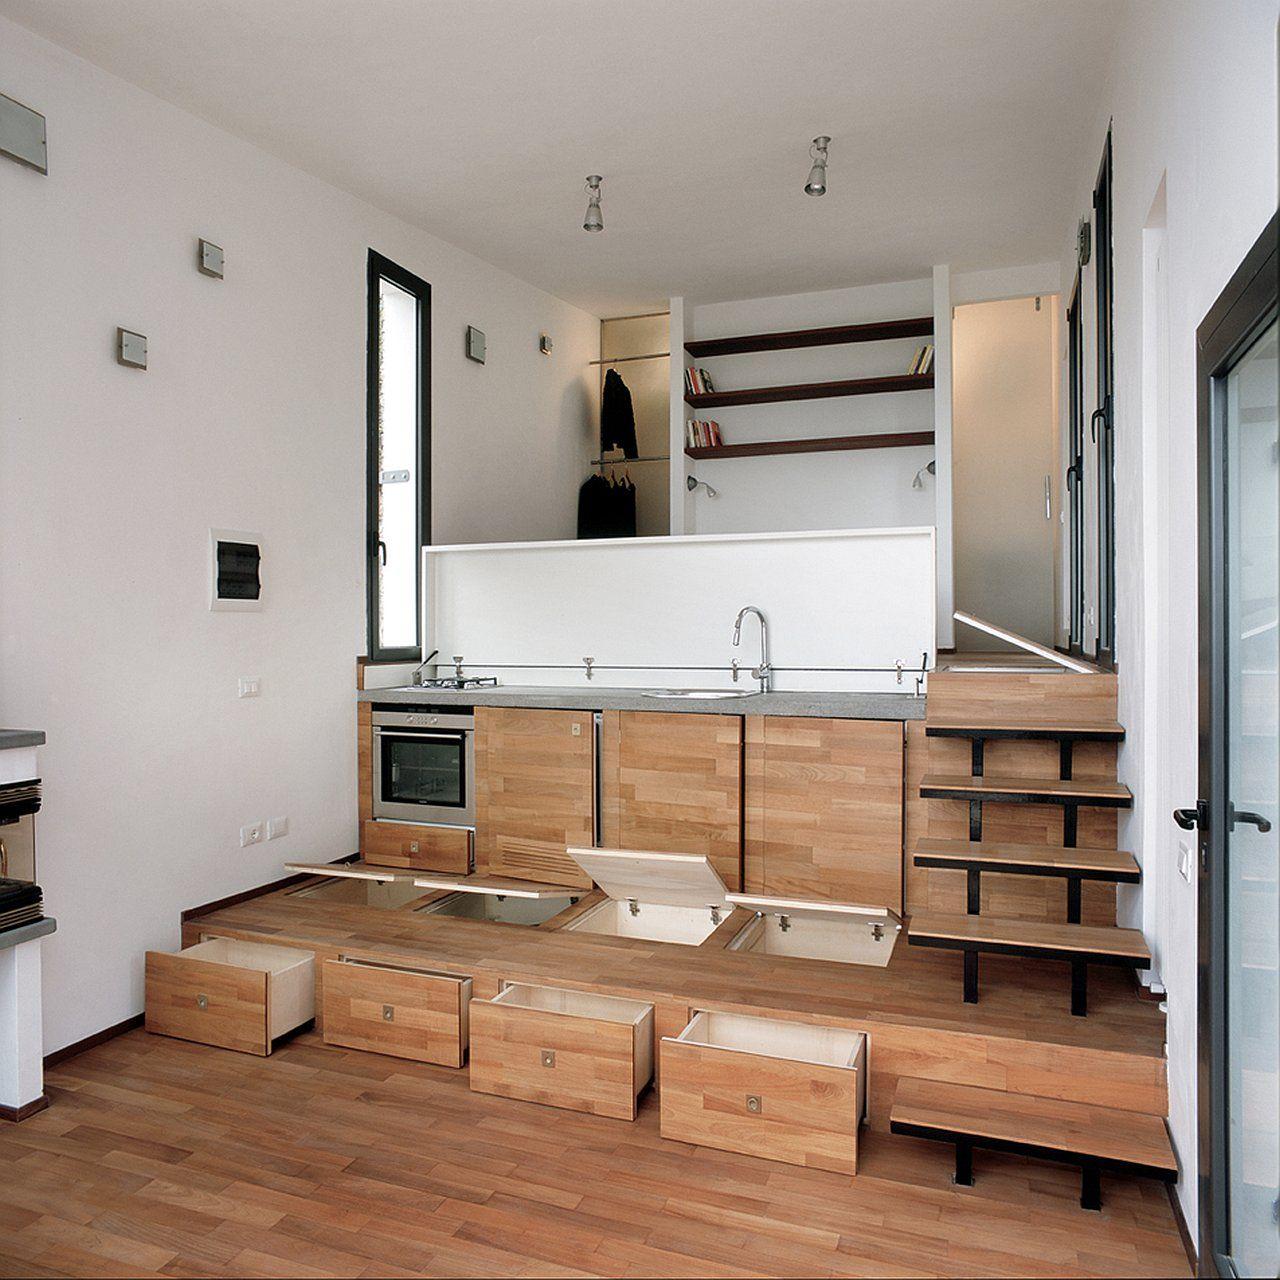 piccola villa di 35 mq a 3 livelli bella e funzionale | studio ... - Soggiorno Cucina 35 Mq